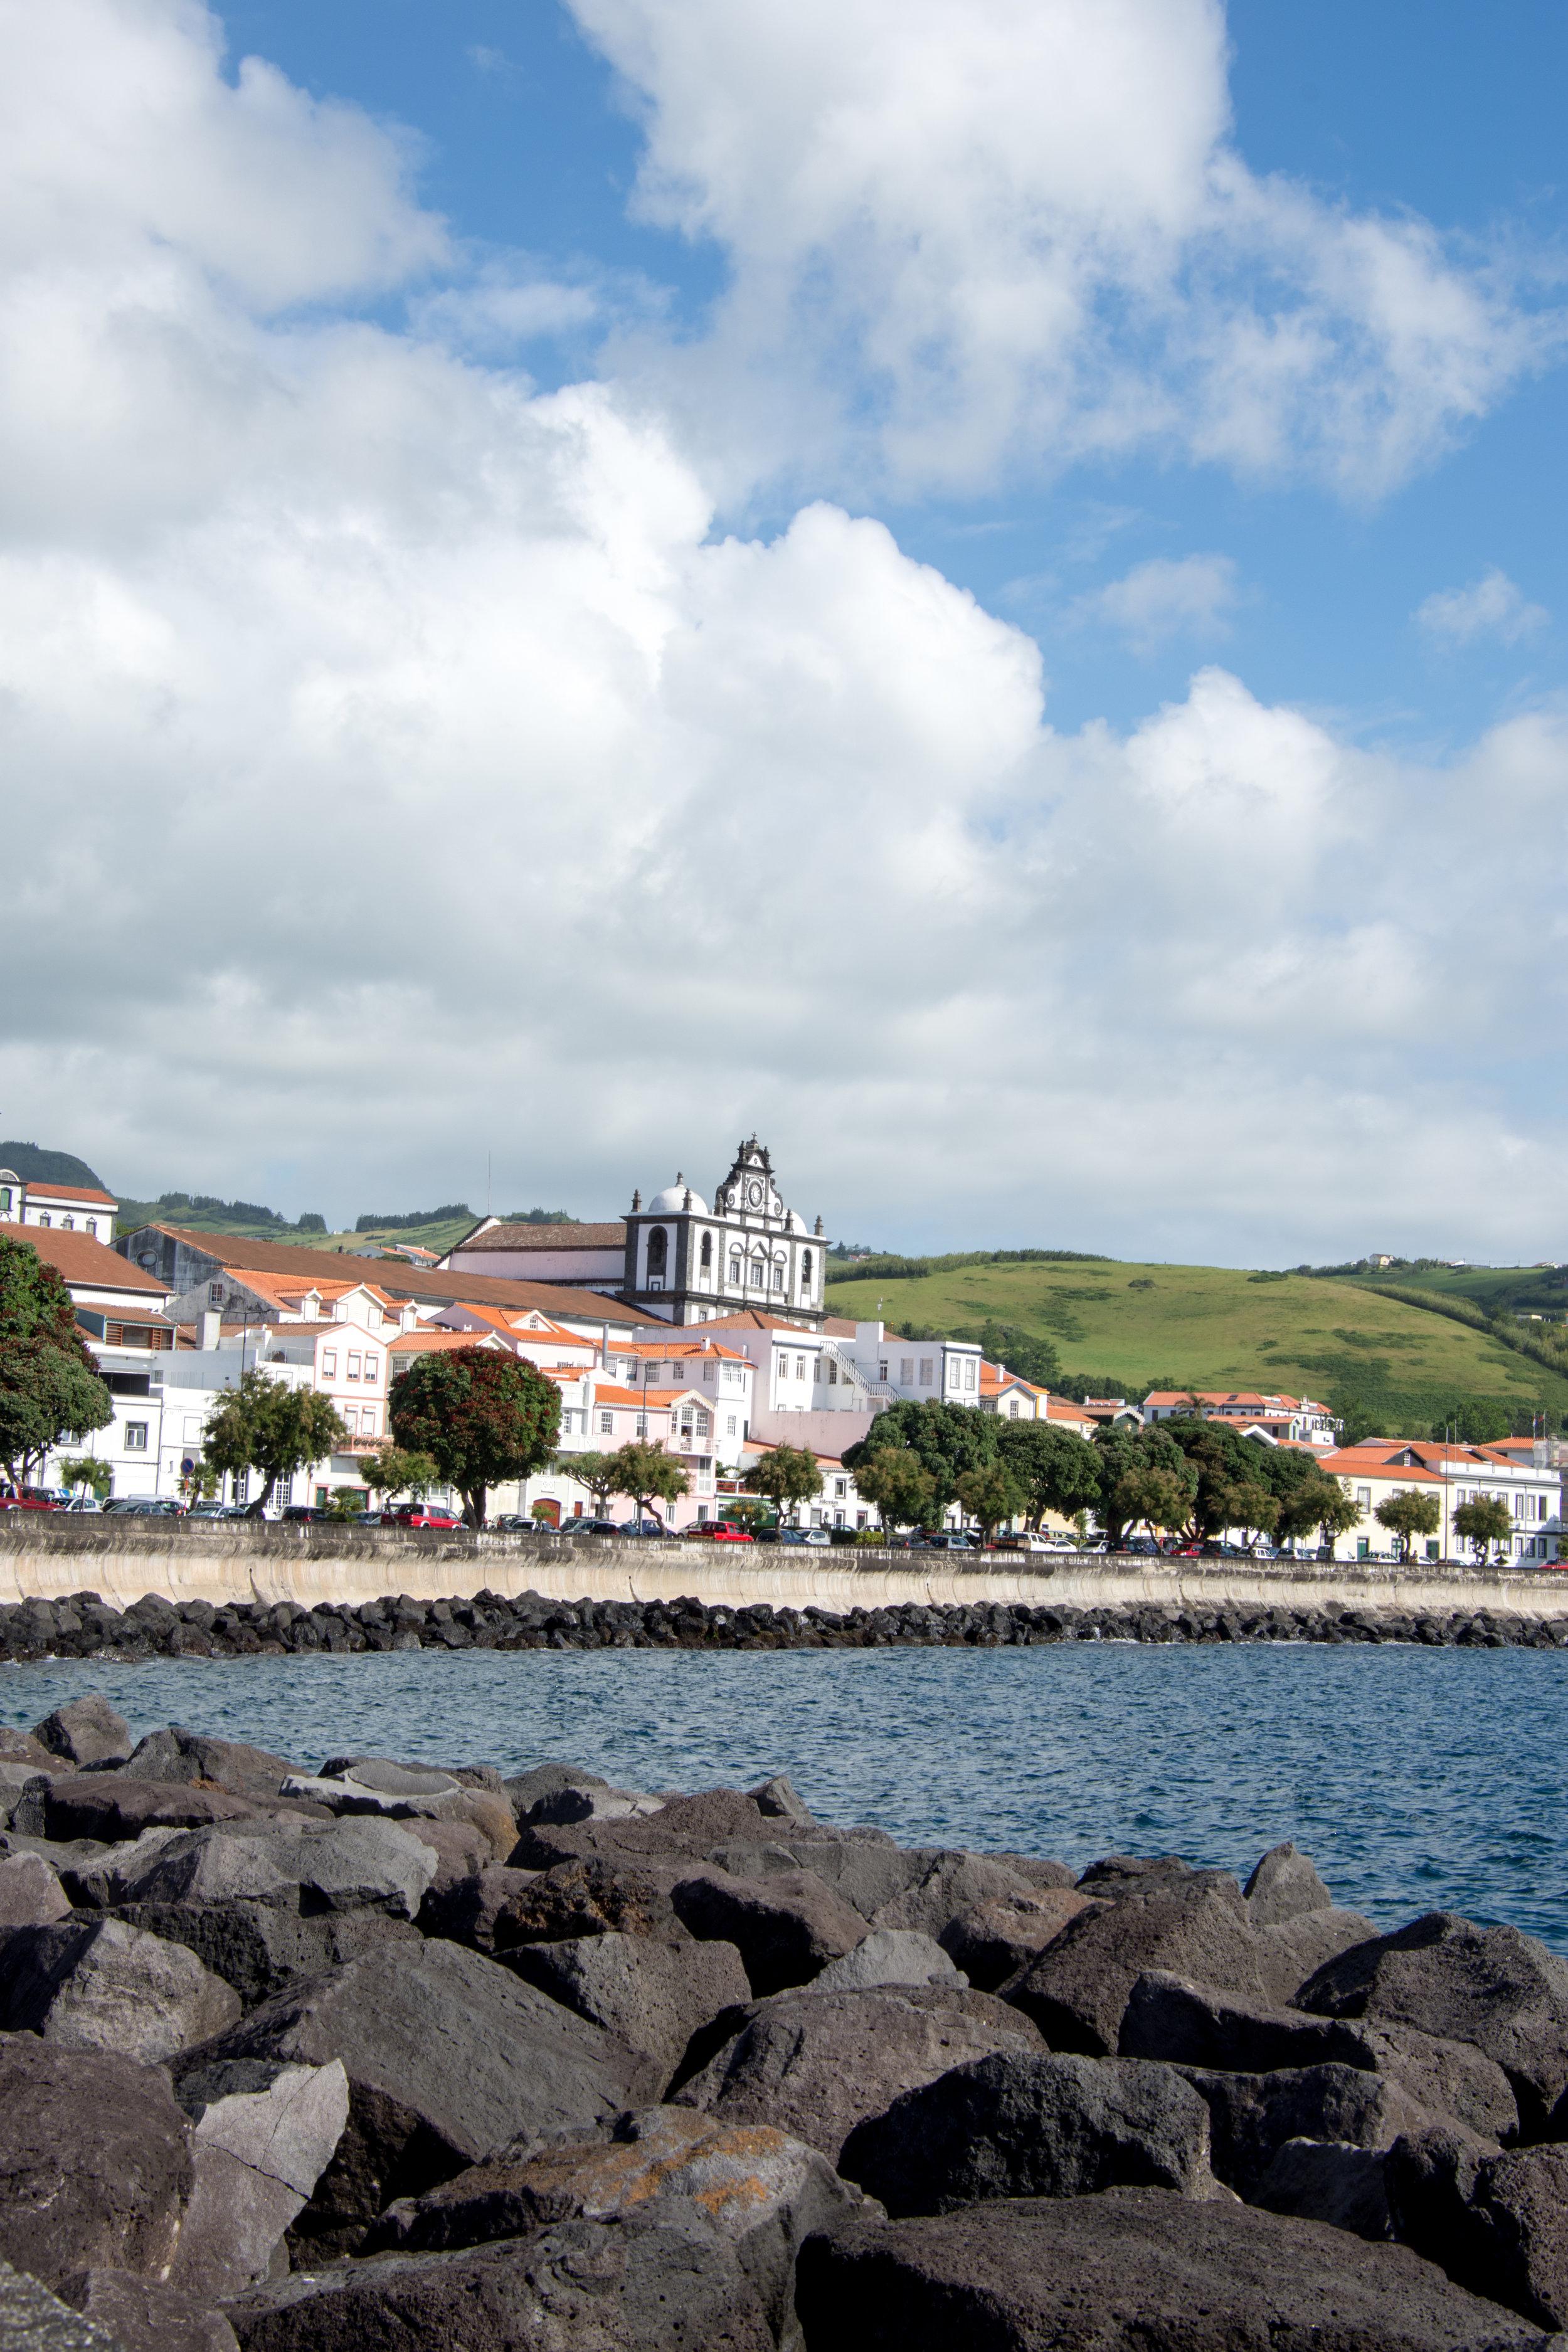 The City of Horta